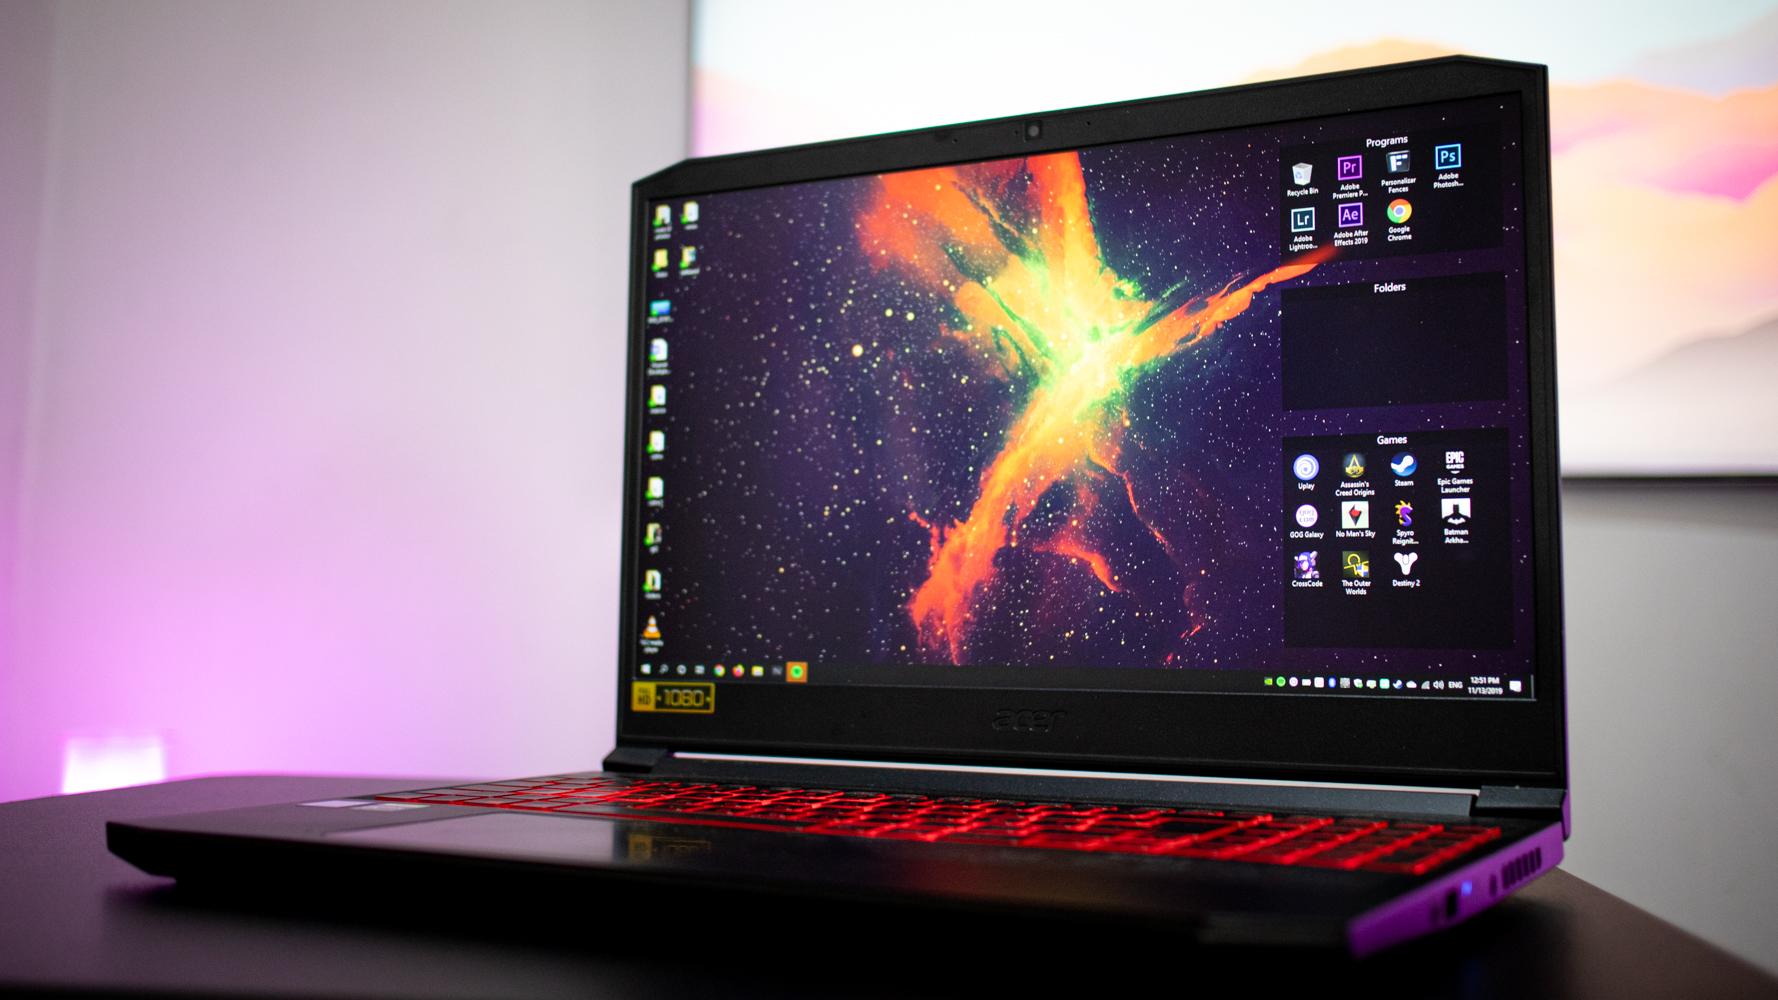 Una Laptop Gamer, para edición, diseño gráfico y modelado 3D?